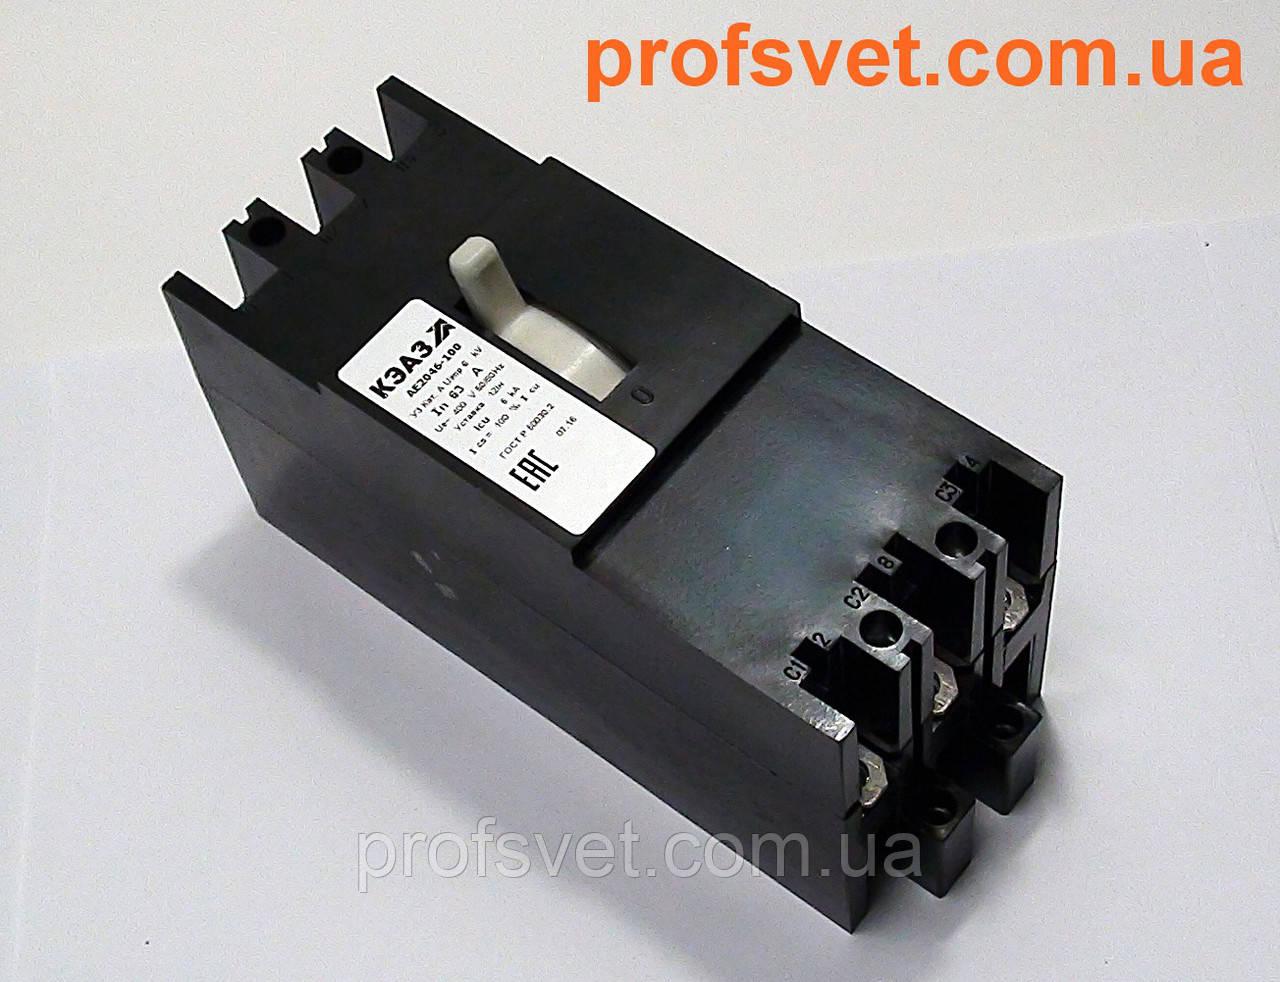 Автоматический выключатель АЕ 2046 31,5А КЭАЗ